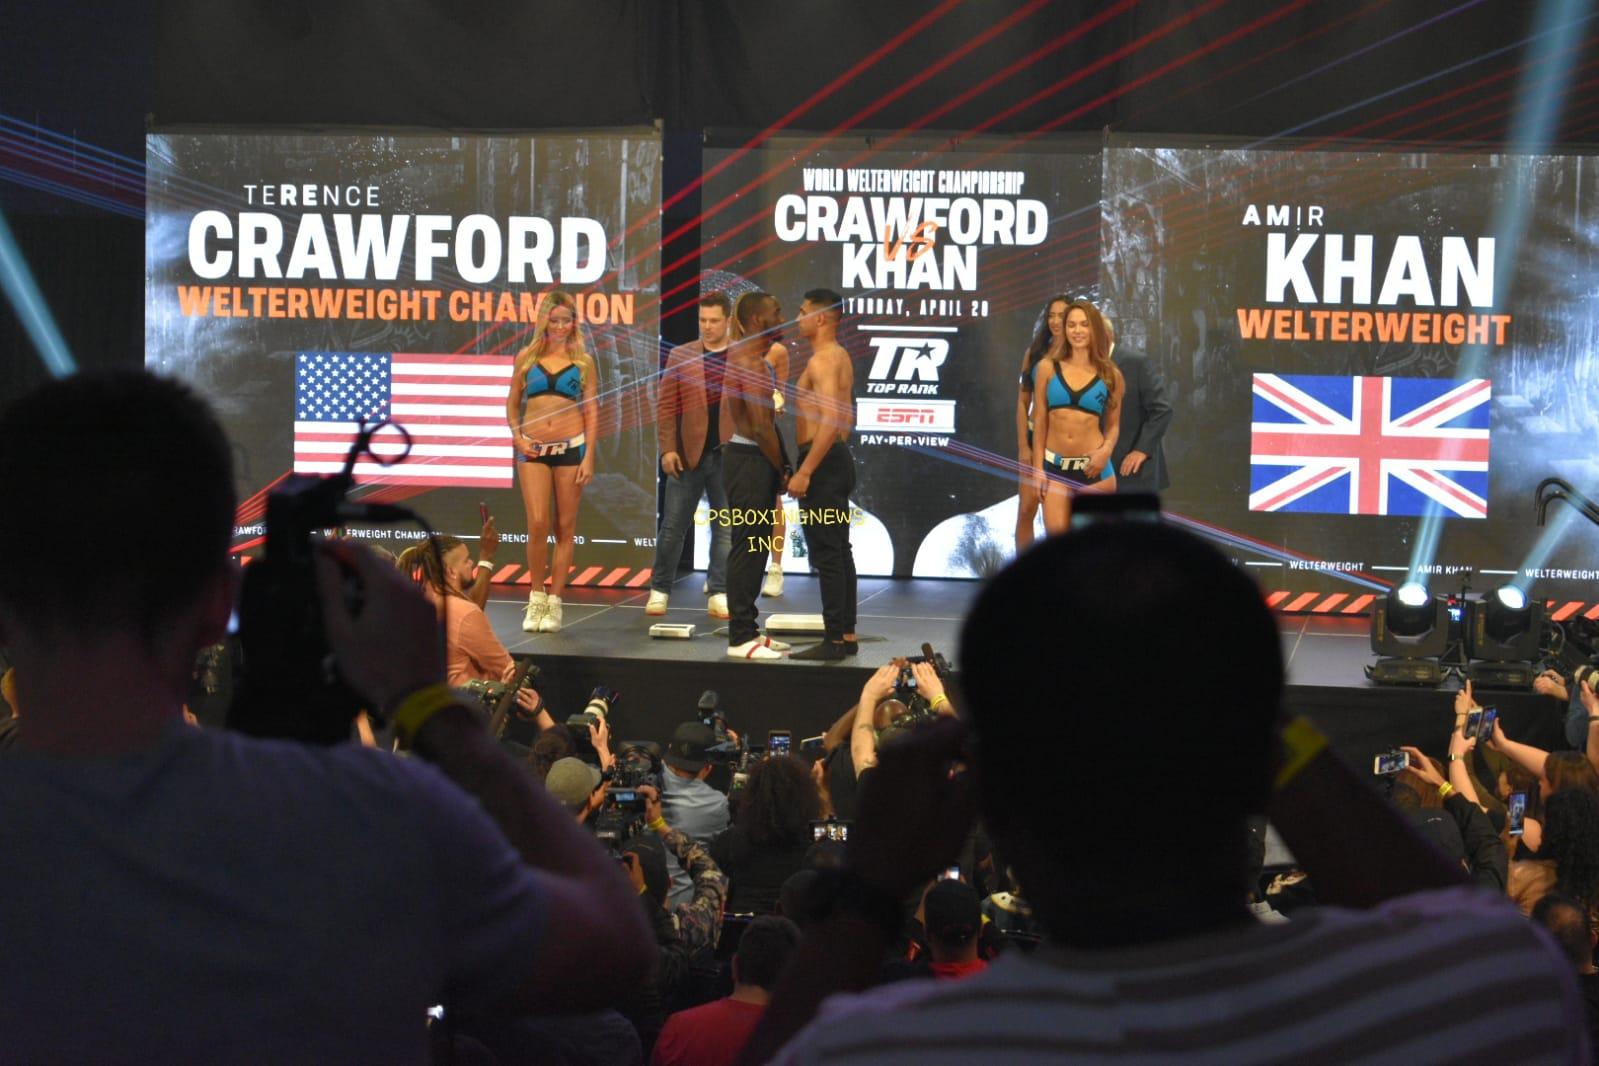 Khan vs Crawford: pesaje